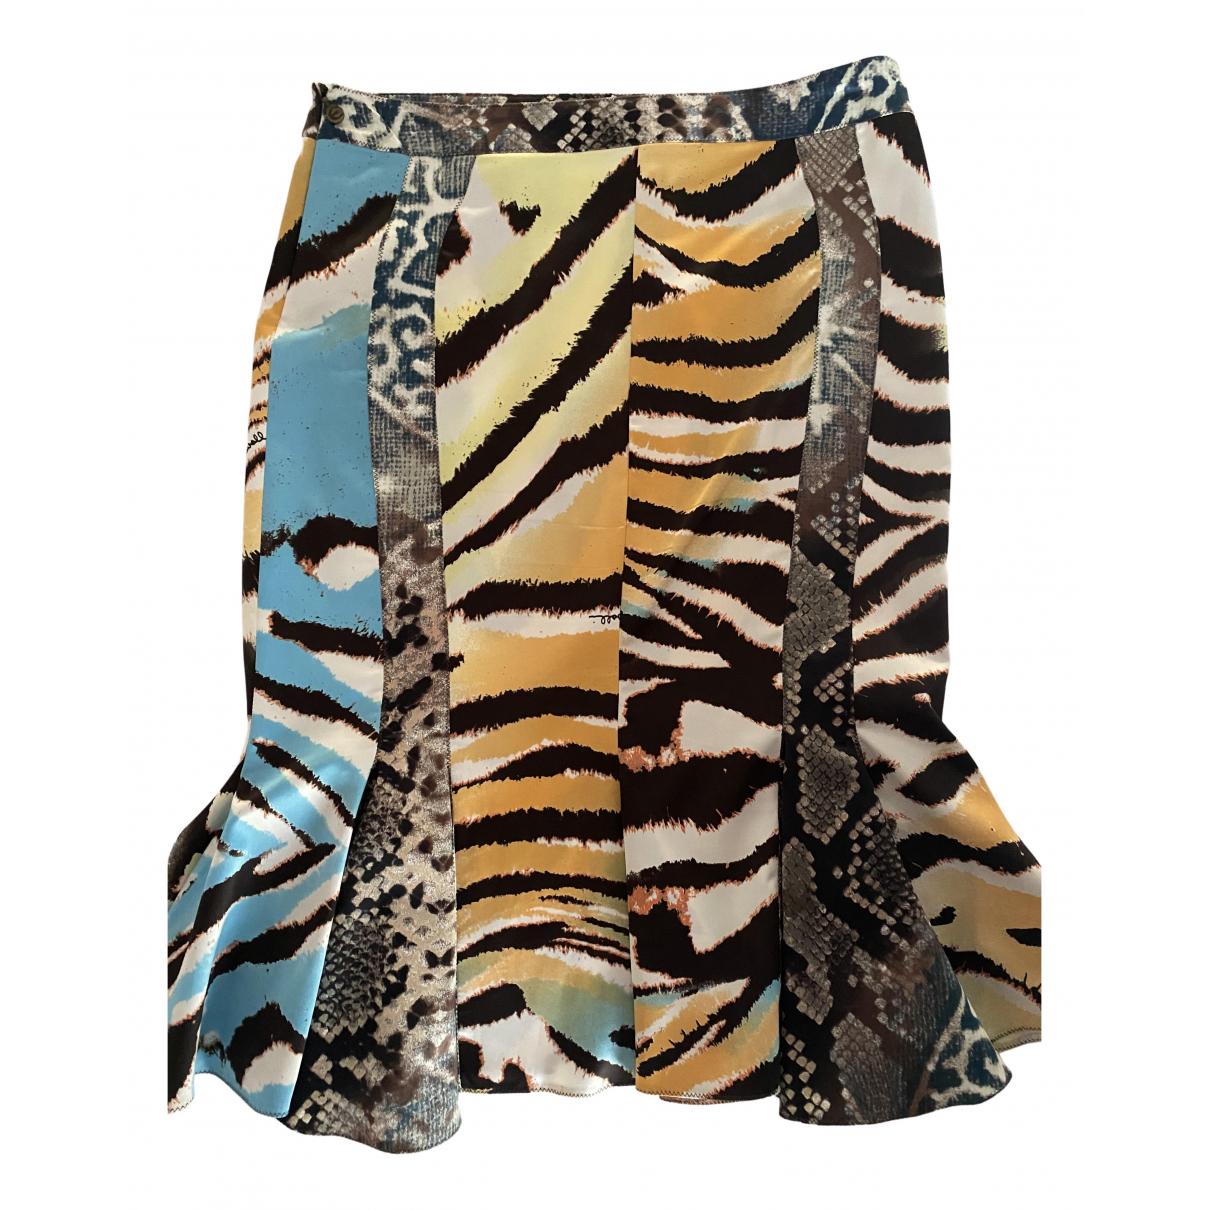 Just Cavalli \N skirt for Women S International